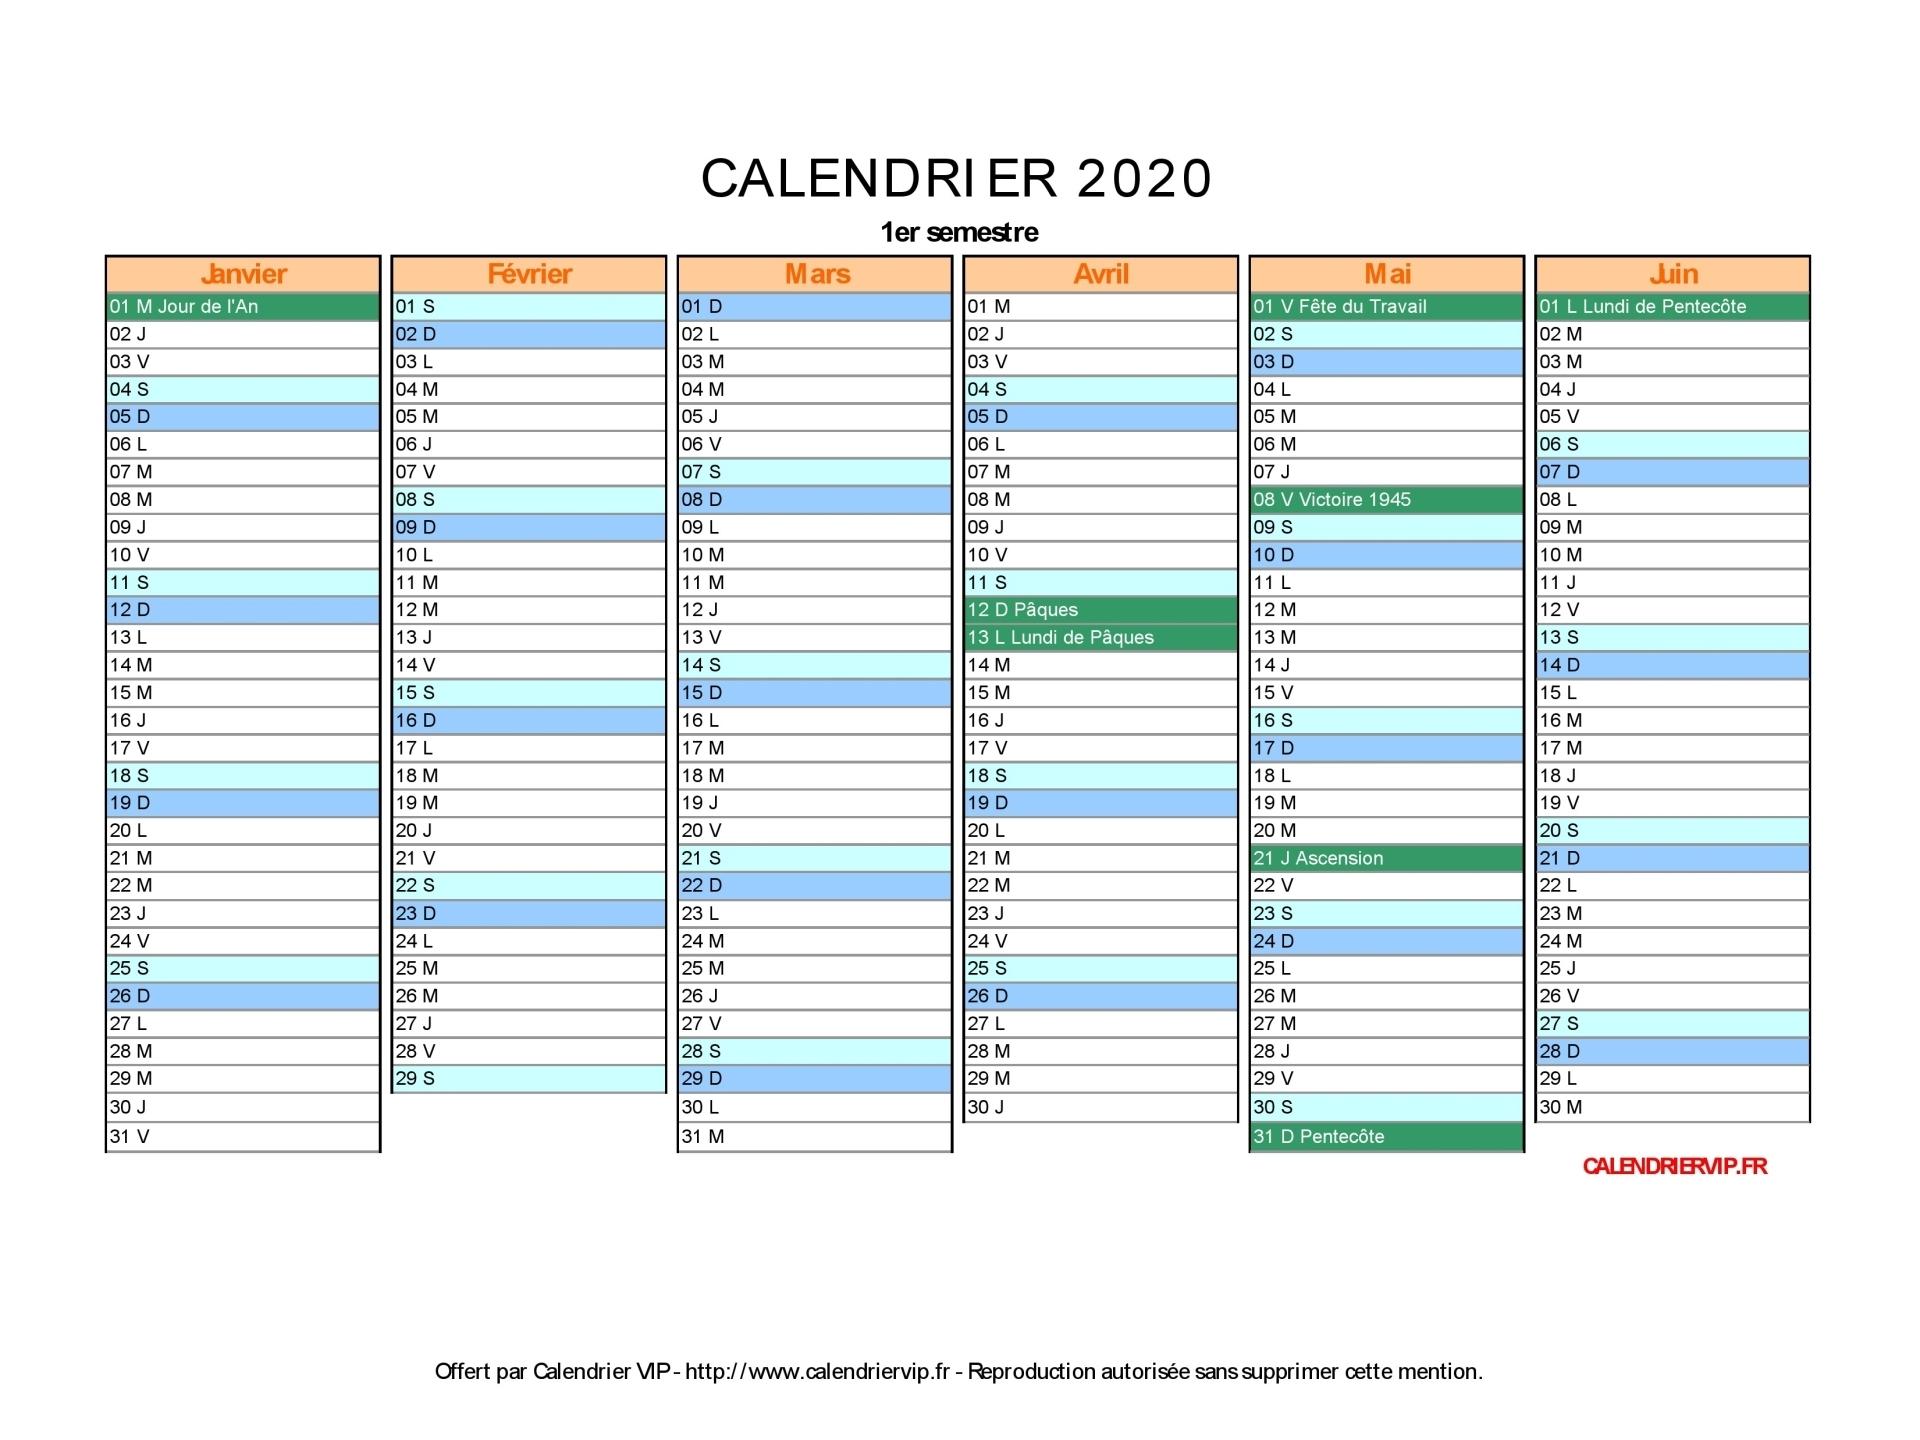 Calendrier 2020 À Imprimer Gratuit En Pdf Et Excel concernant Calendrier Perpetuel Gratuit Imprimer